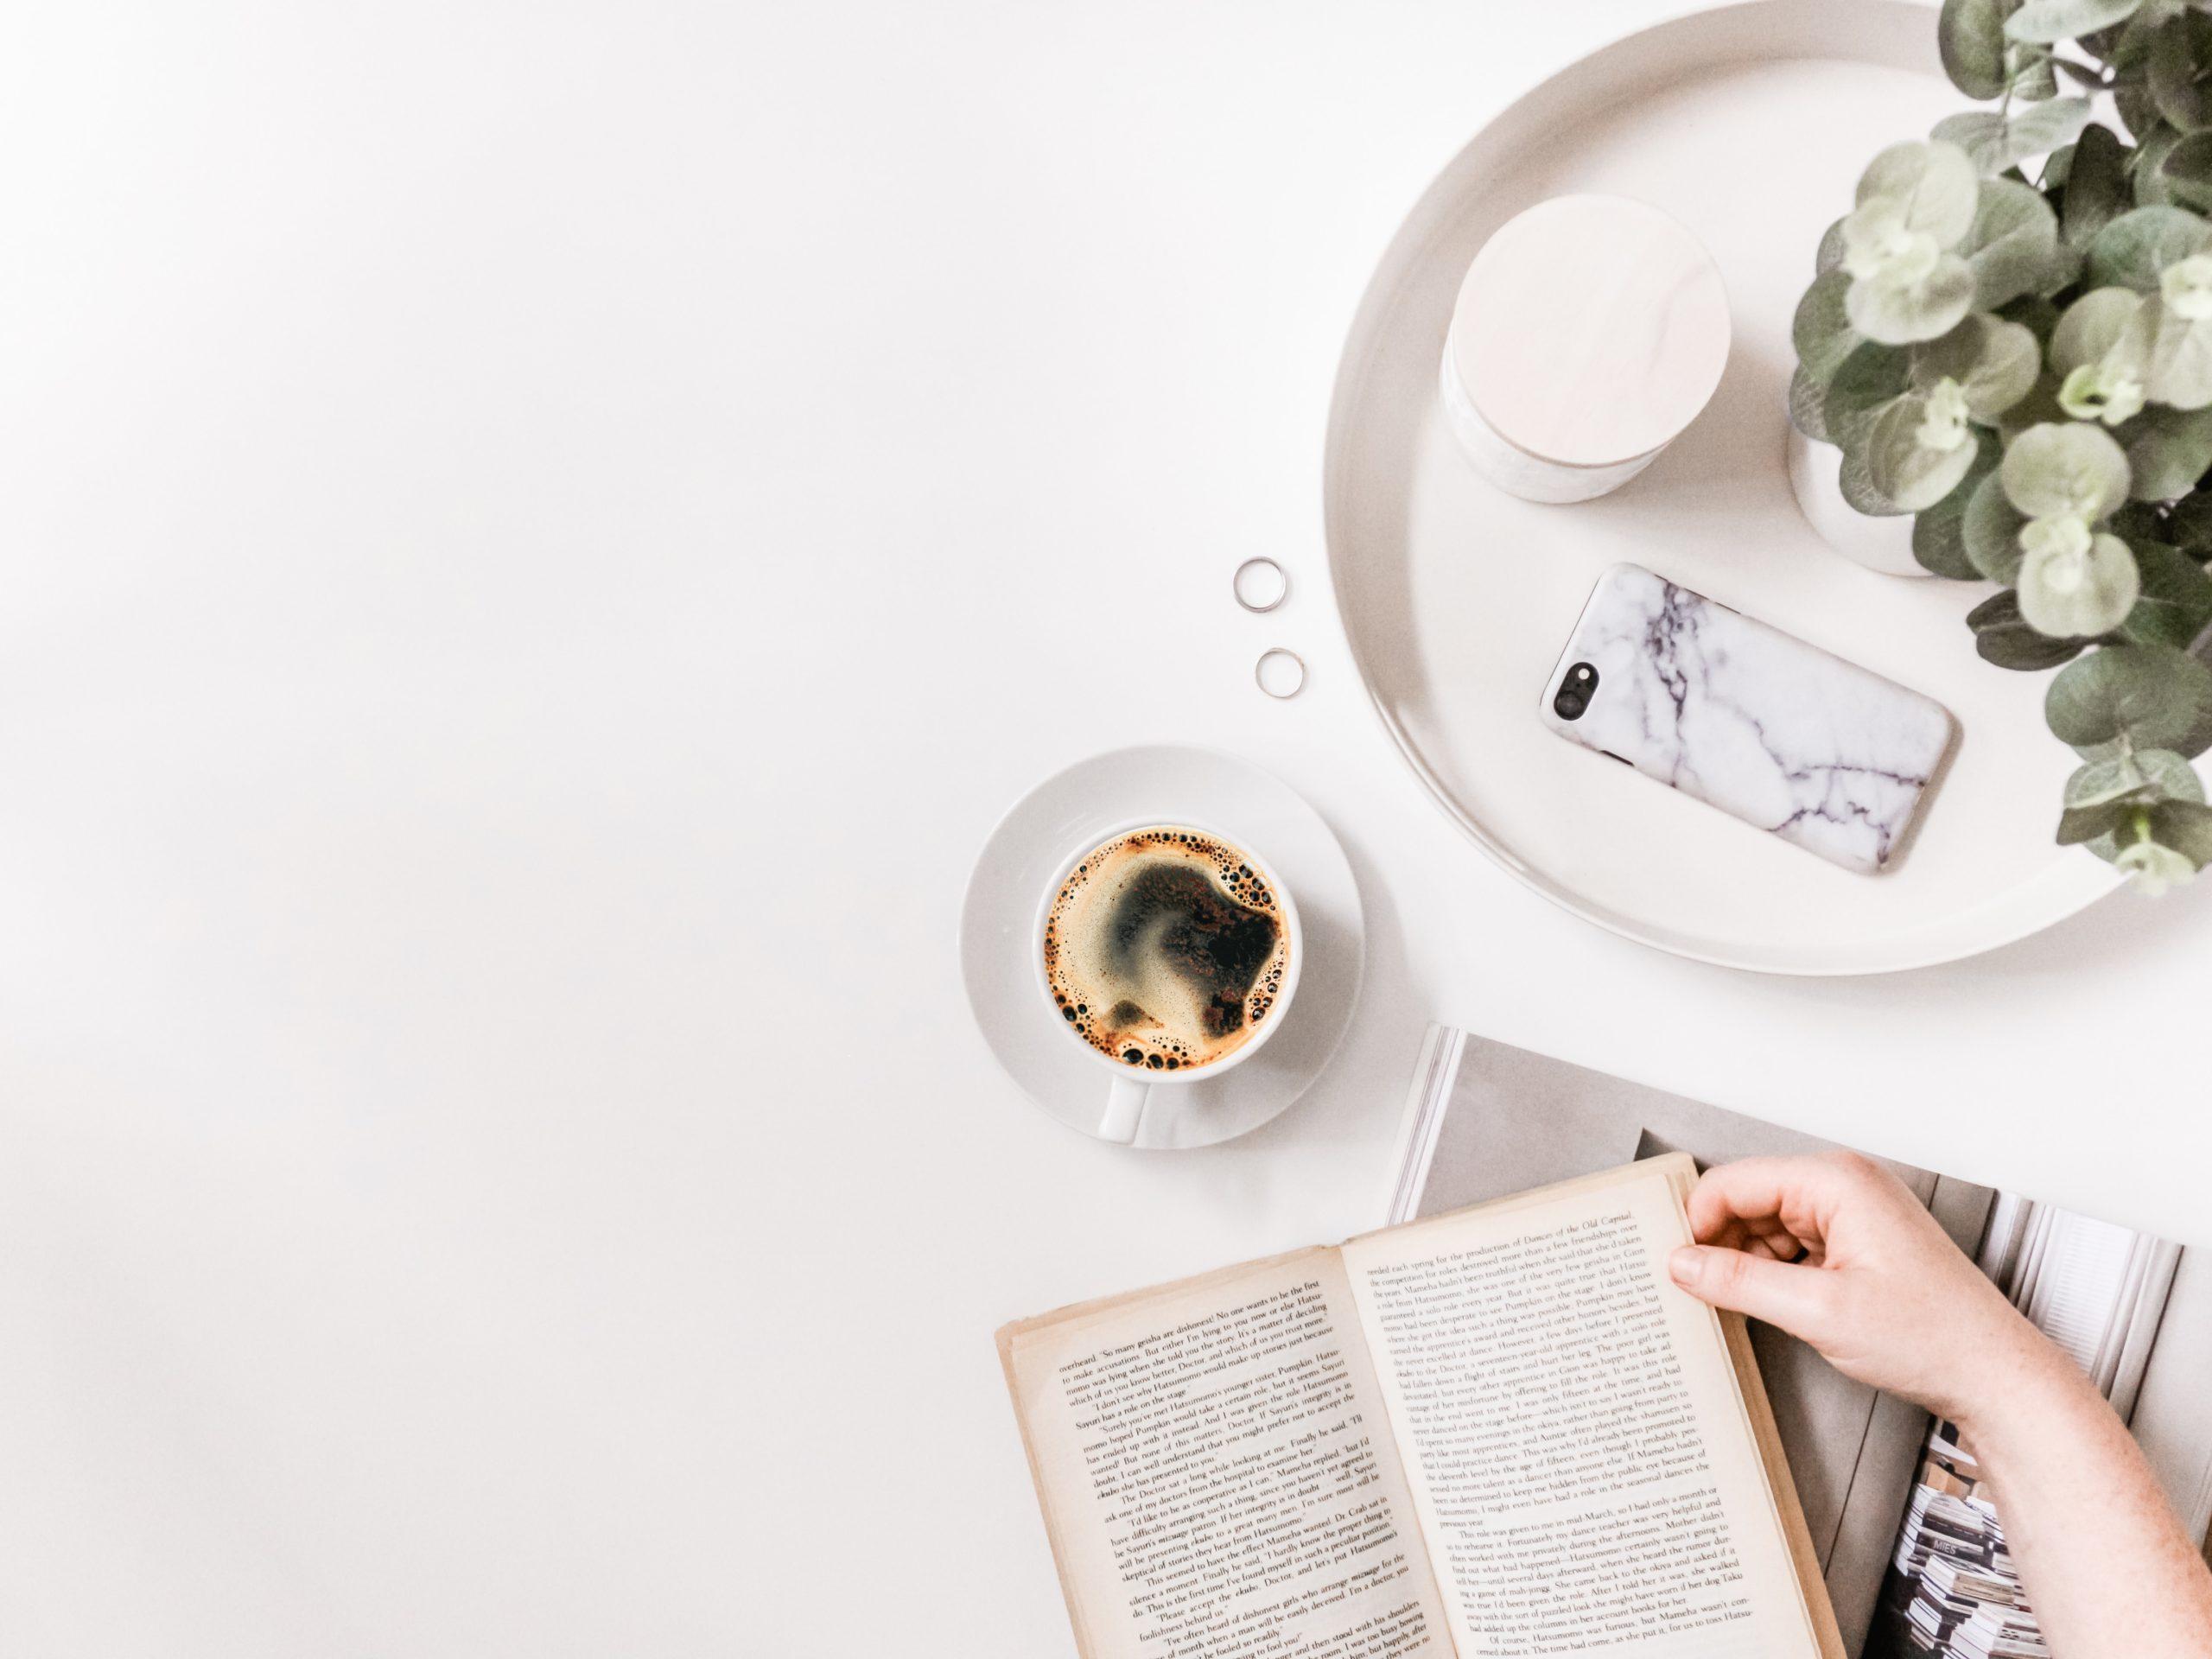 Siete ministerios de las mujeres en el Nuevo Testamento